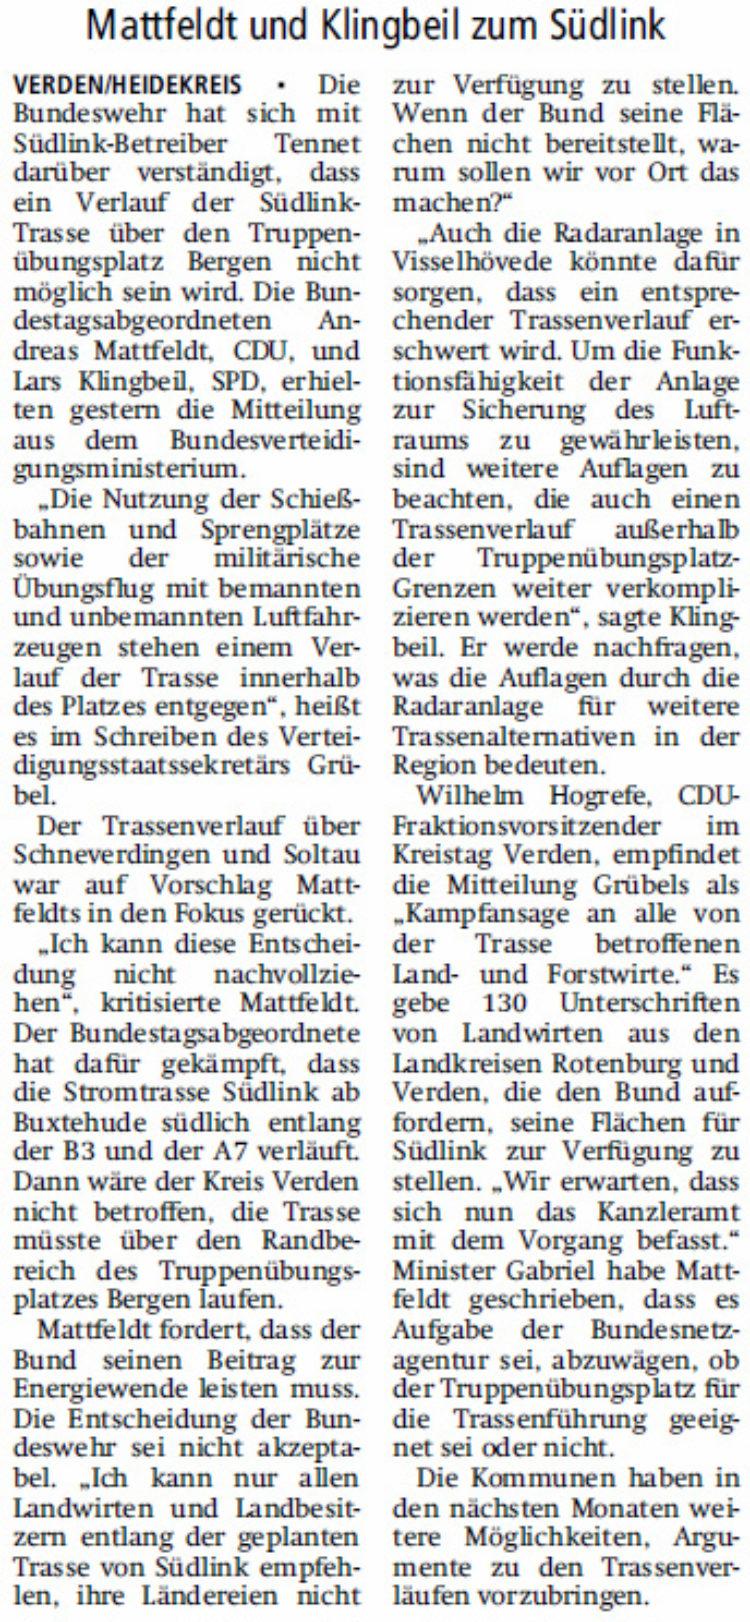 Bundeswehr will Trasse nicht